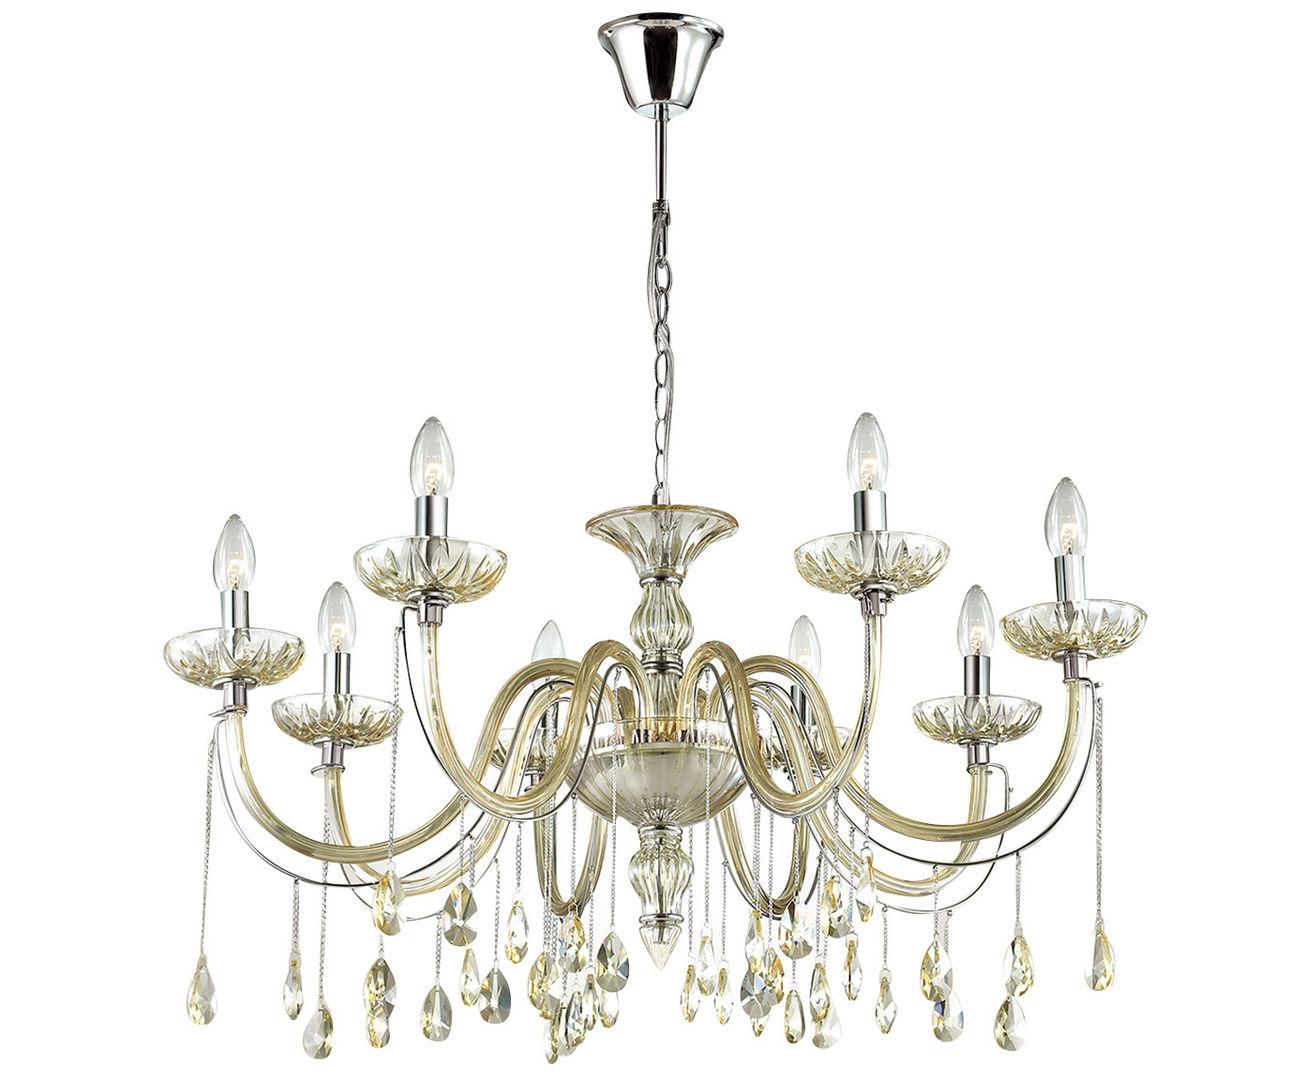 Люстра, Odeon Light, 22 550 руб., (800) 333-3699